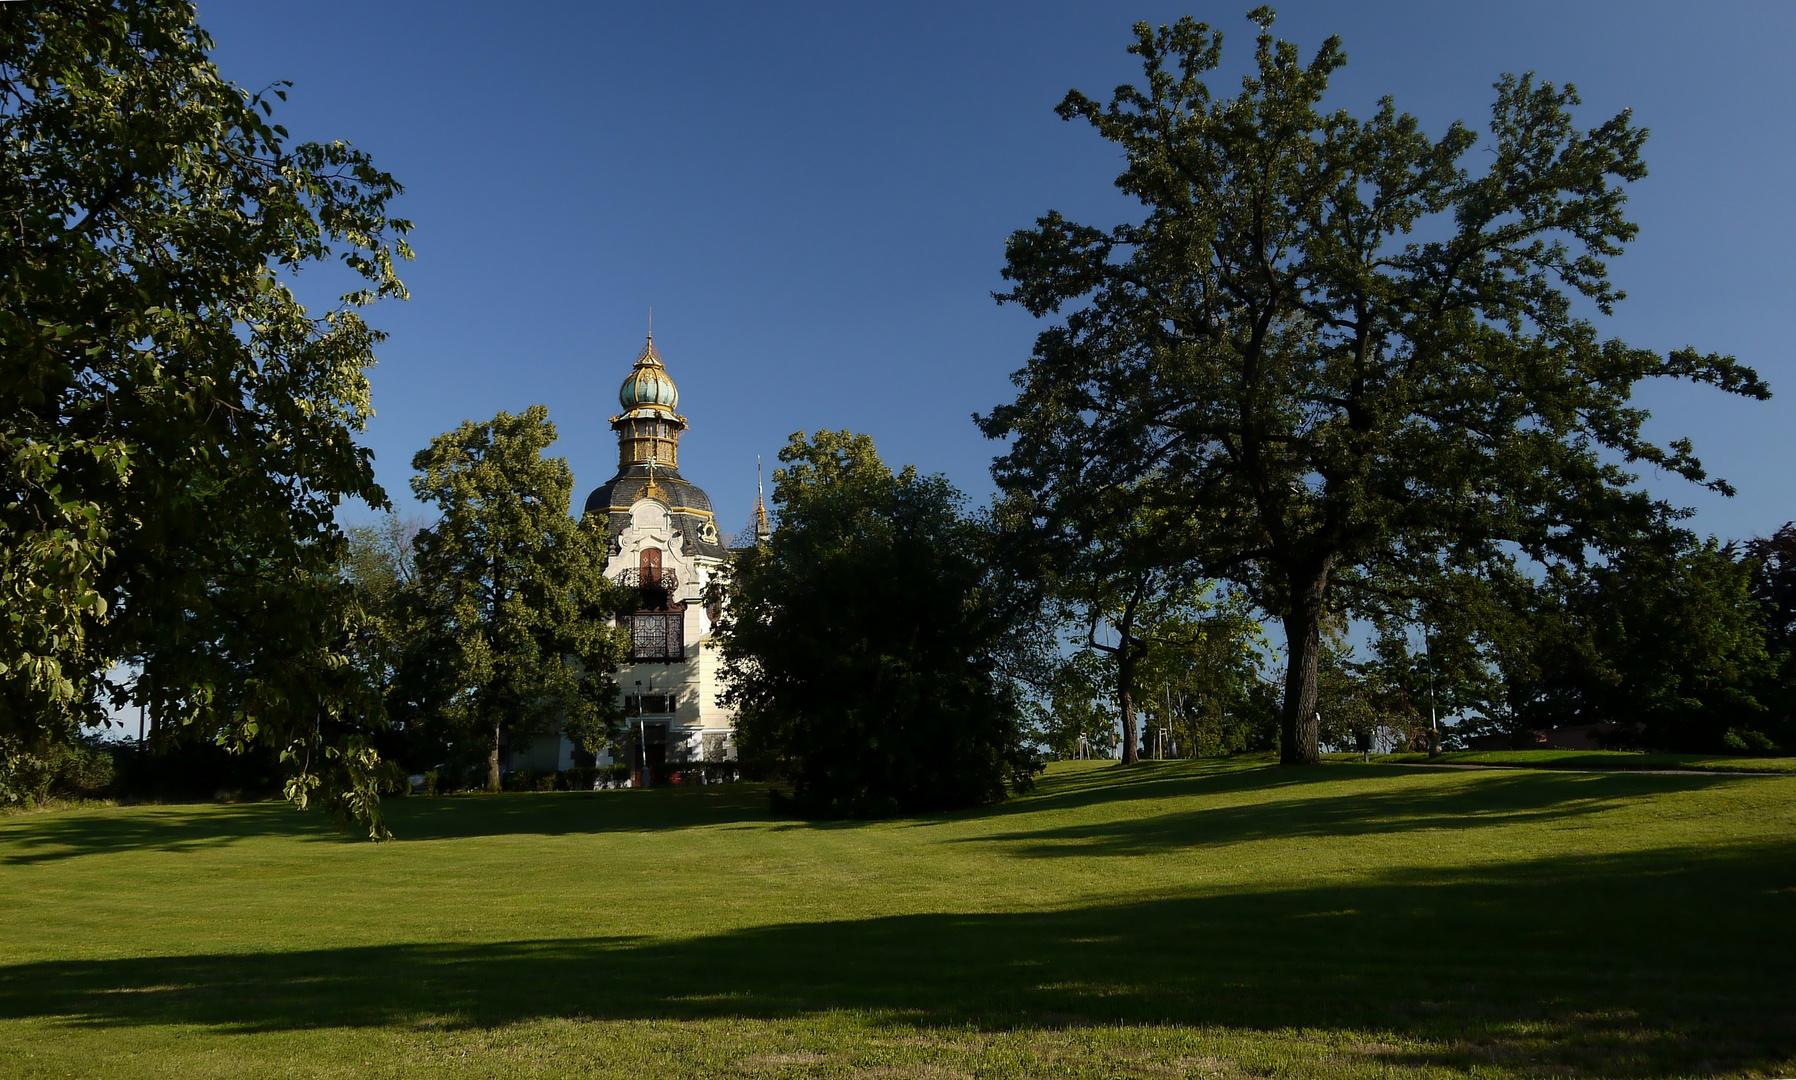 Havansky-Pavillon in Prag